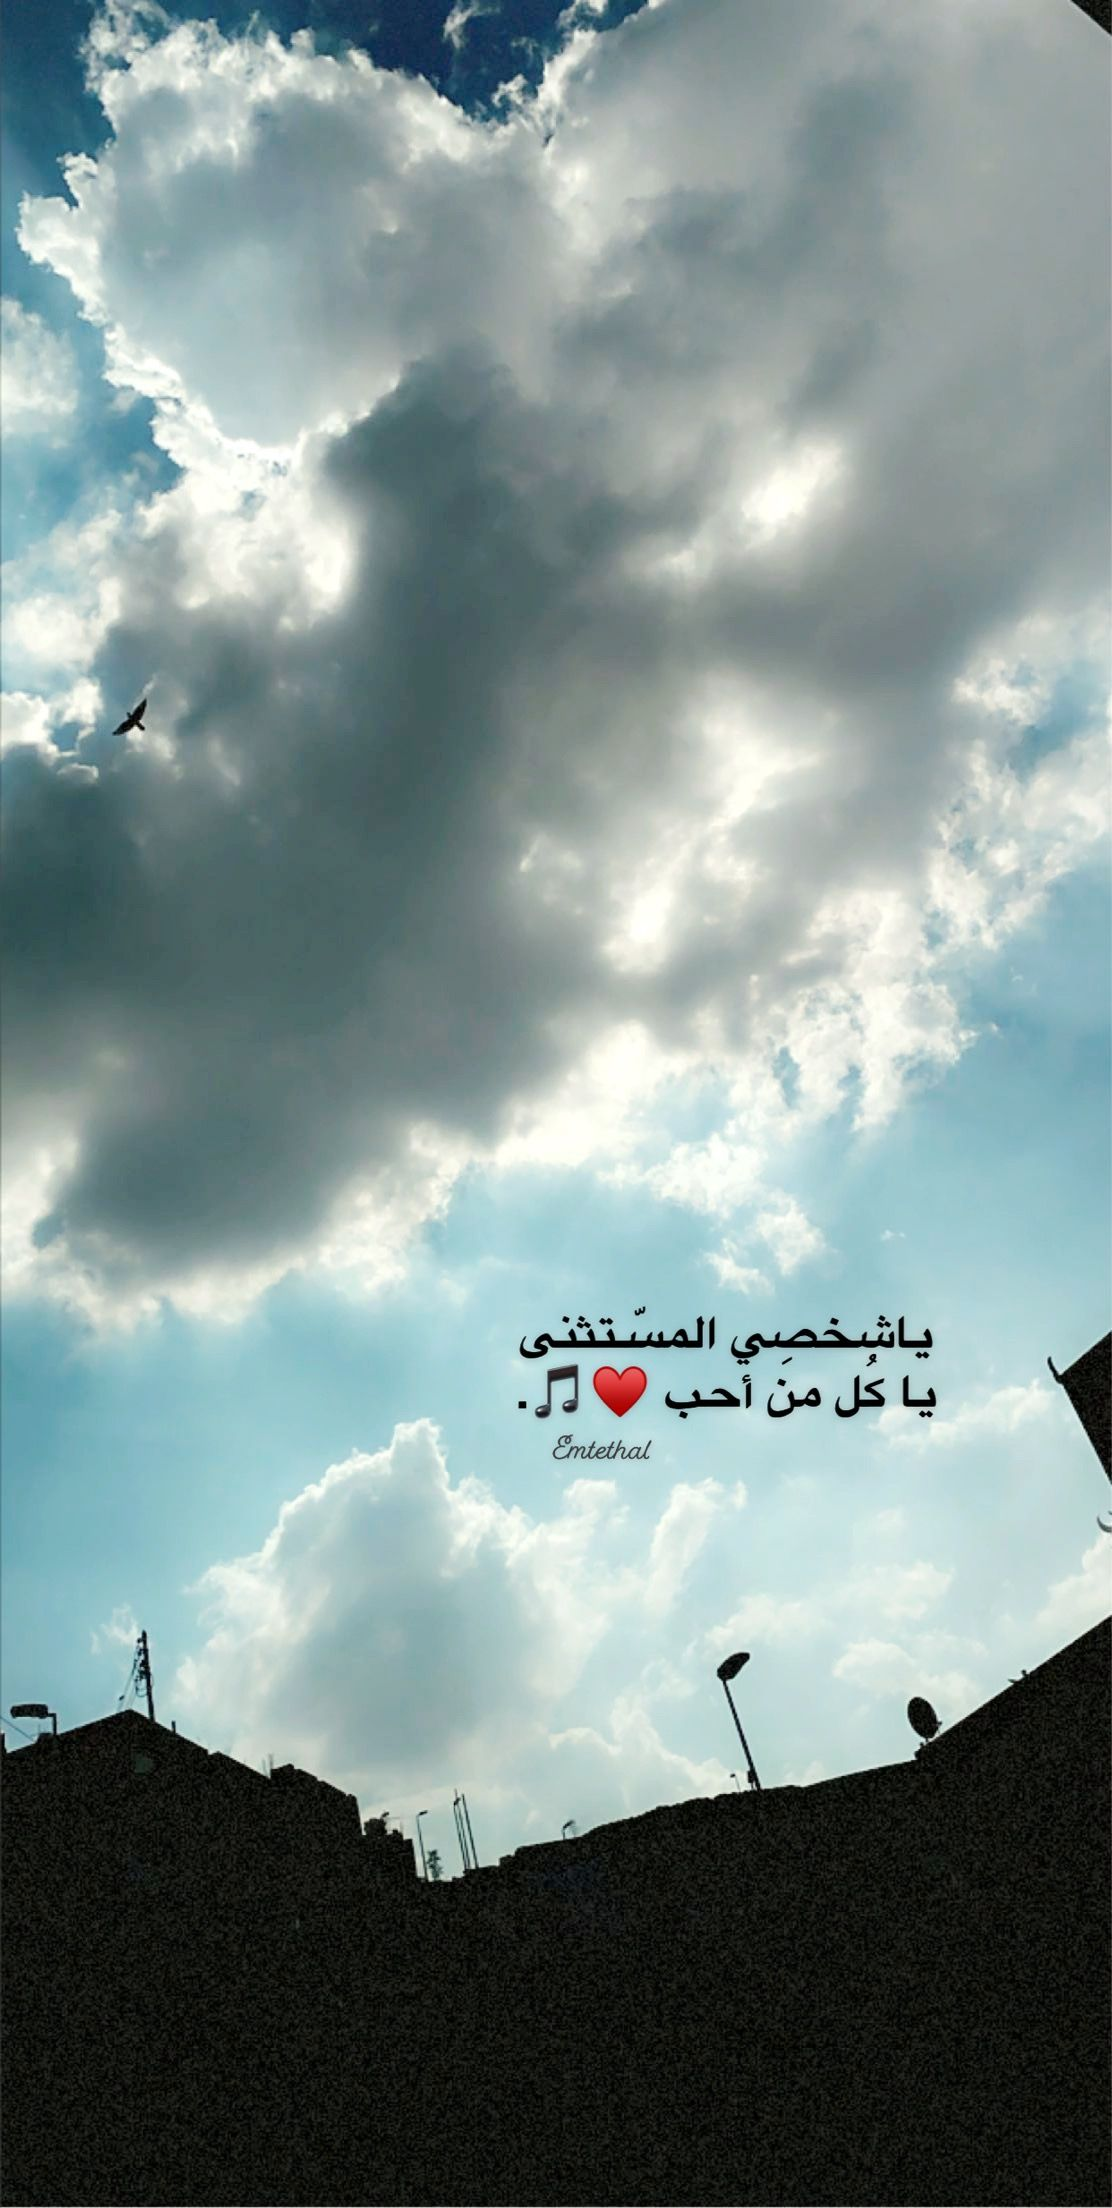 ياشخص ي المس تثنى يا ك ل من أحب Beautiful Nature Wallpaper Love Quotes Wallpaper Beautiful Arabic Words